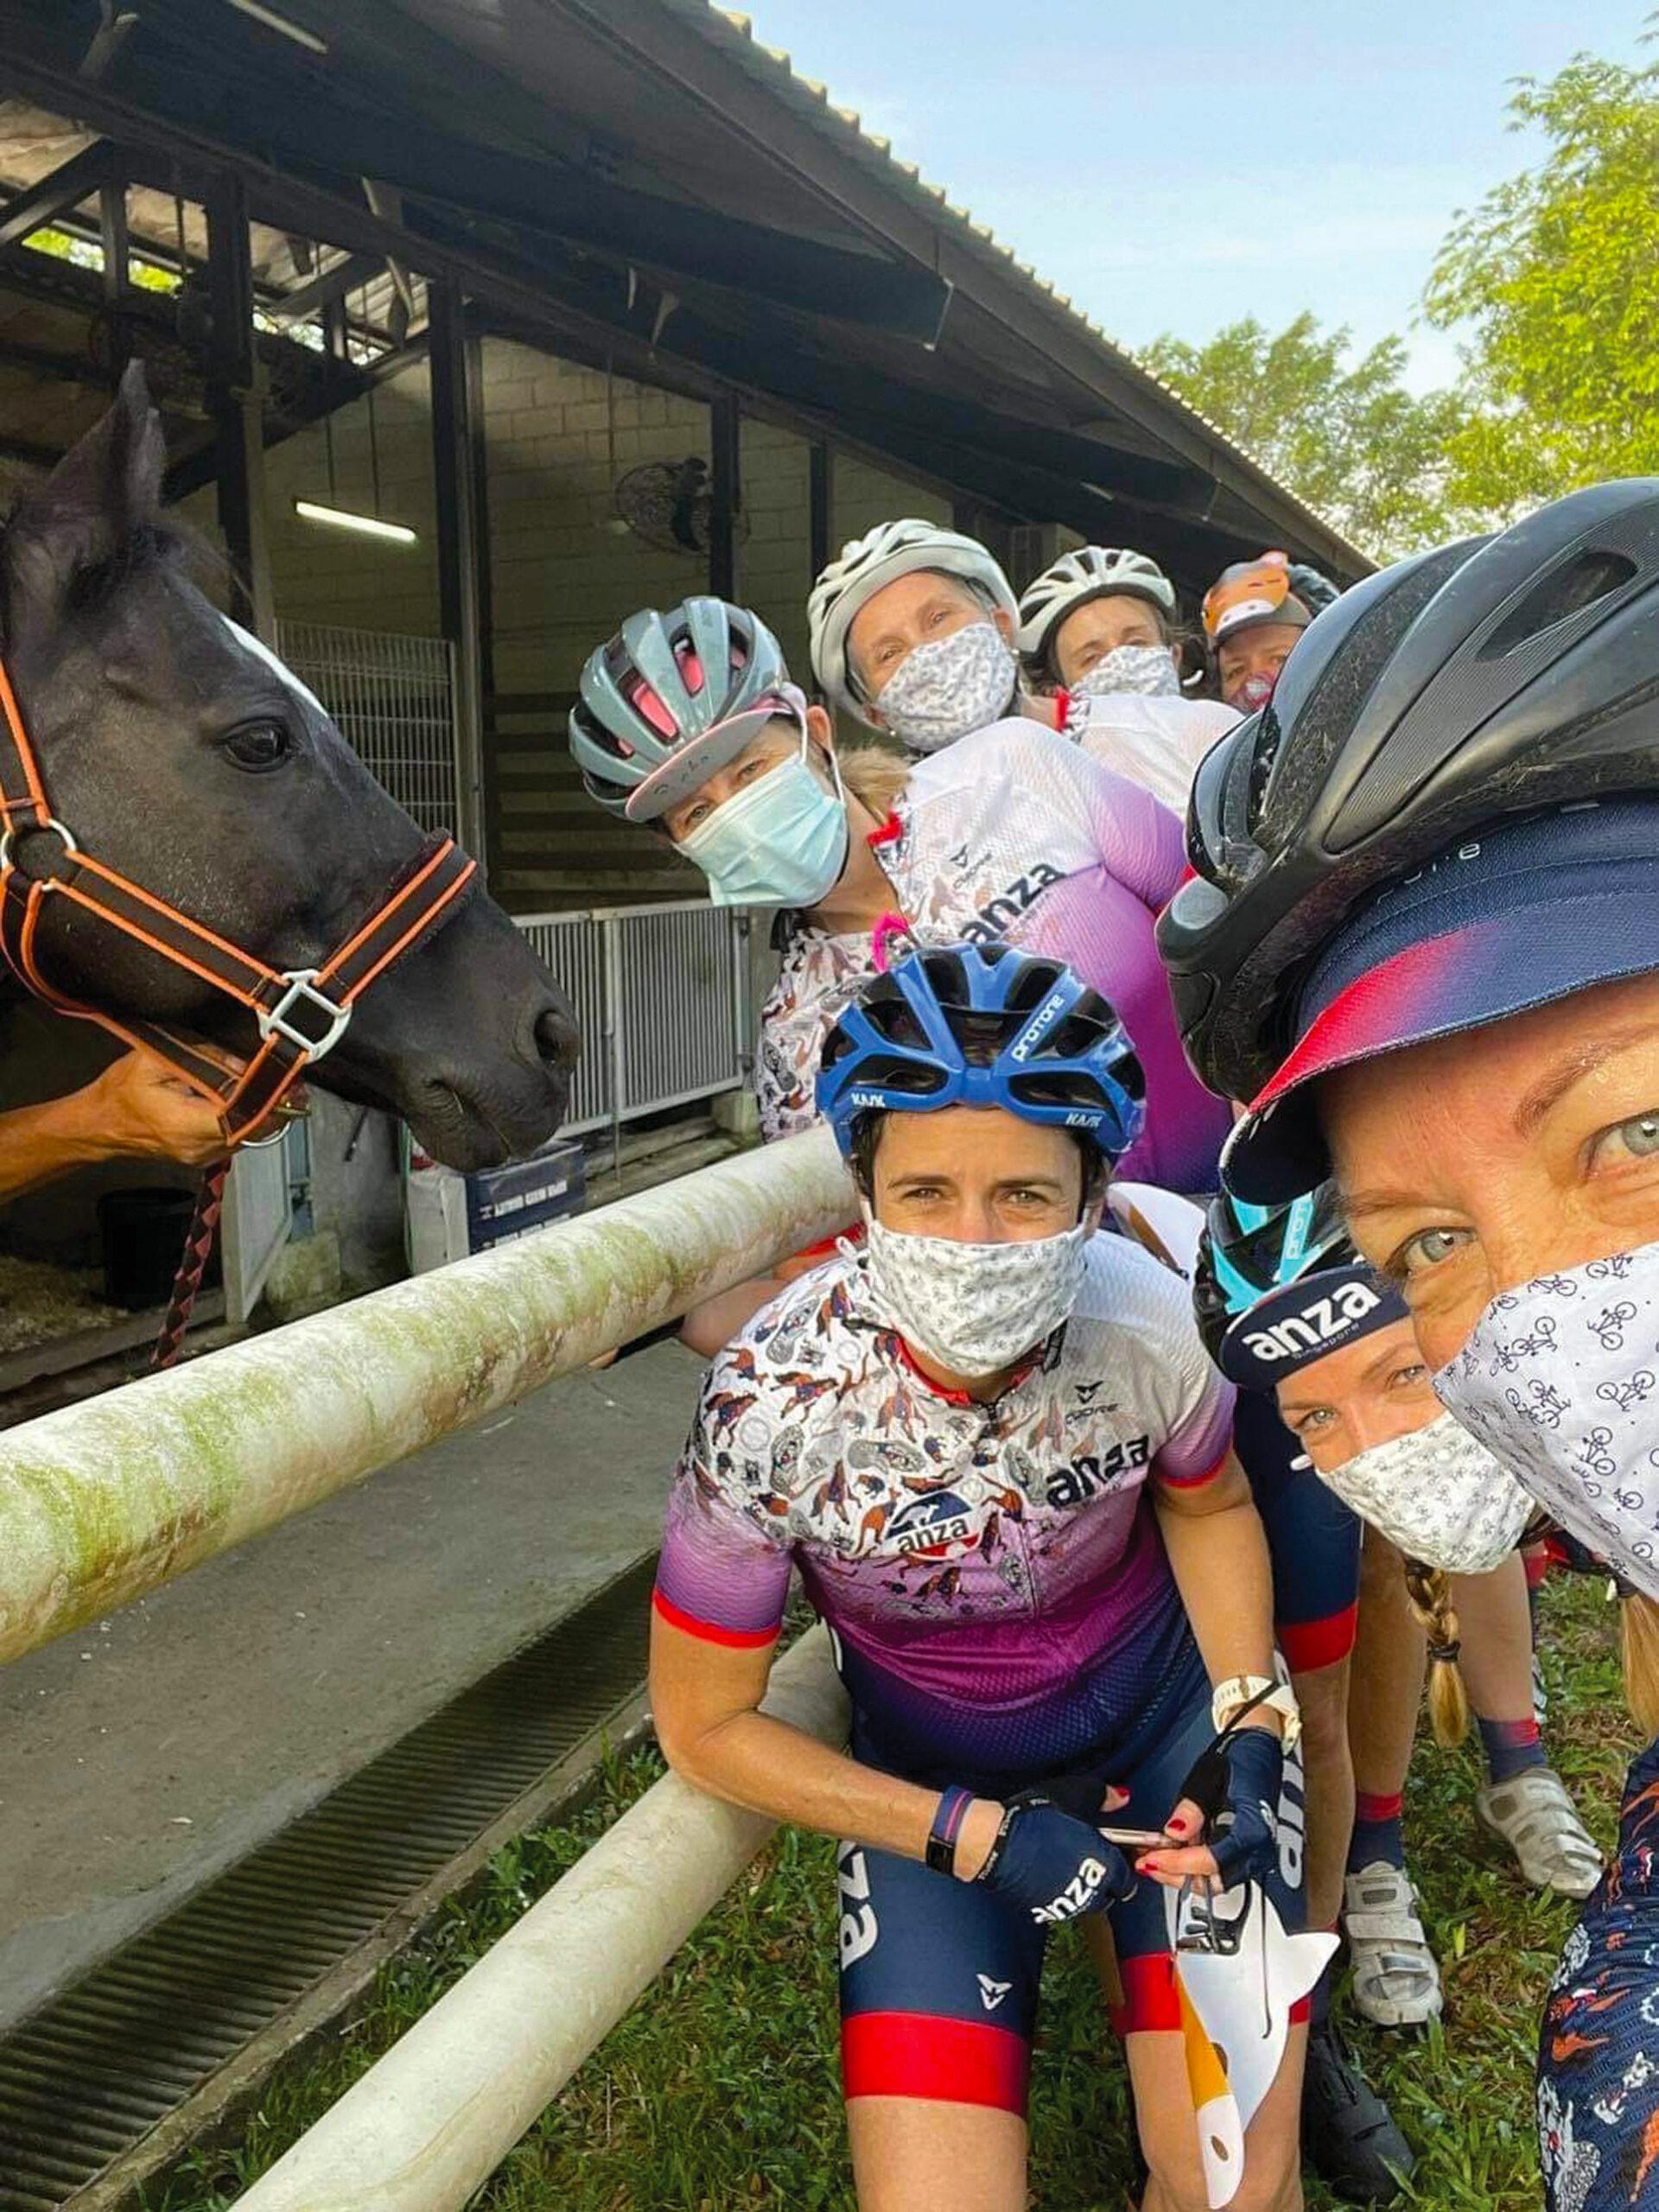 cyclists at horse barn